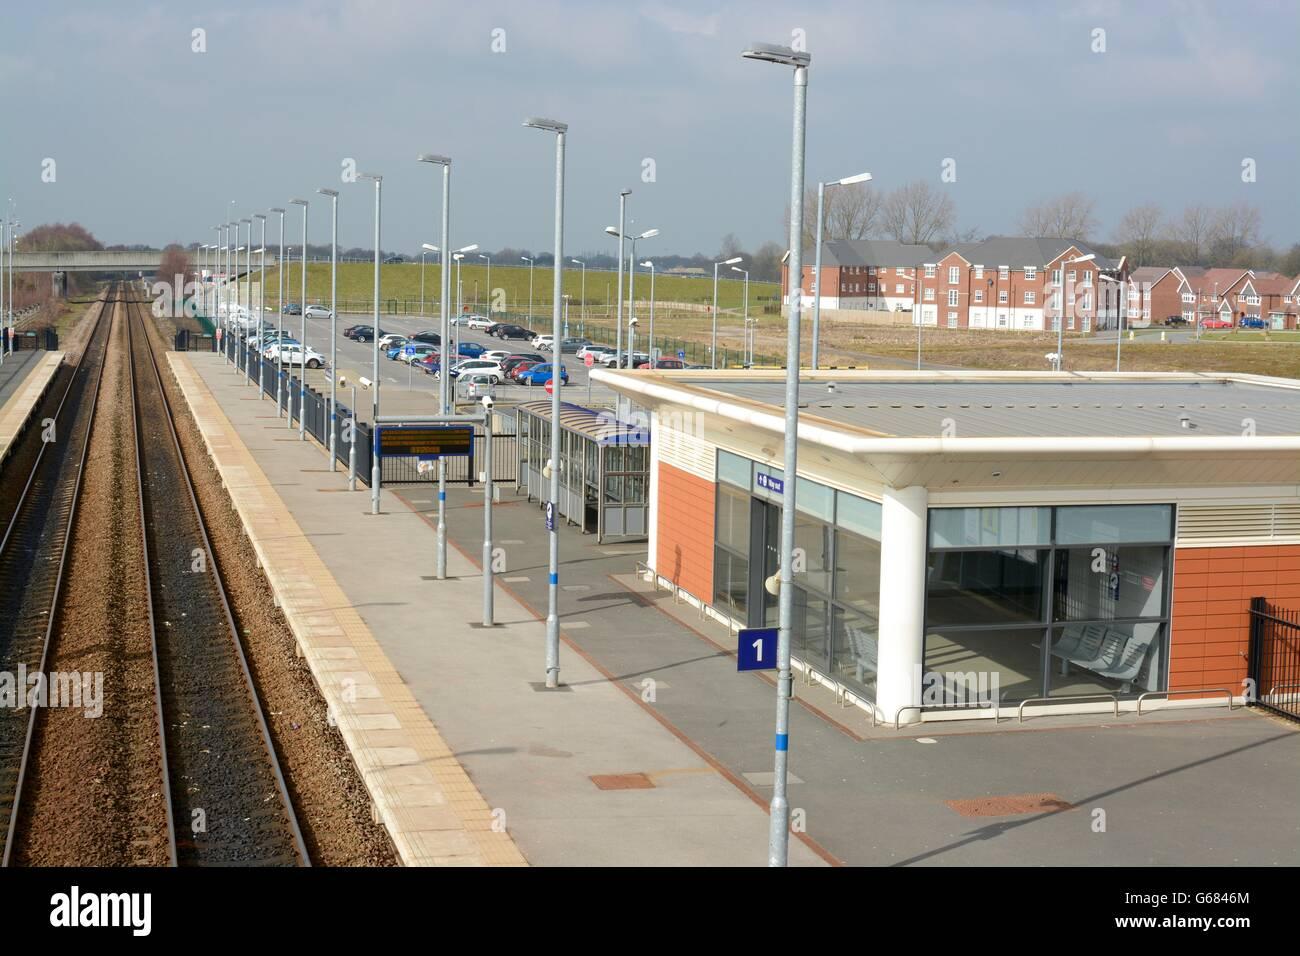 Buckshaw village railway station, Euxton, Lancashire, UK - Stock Image